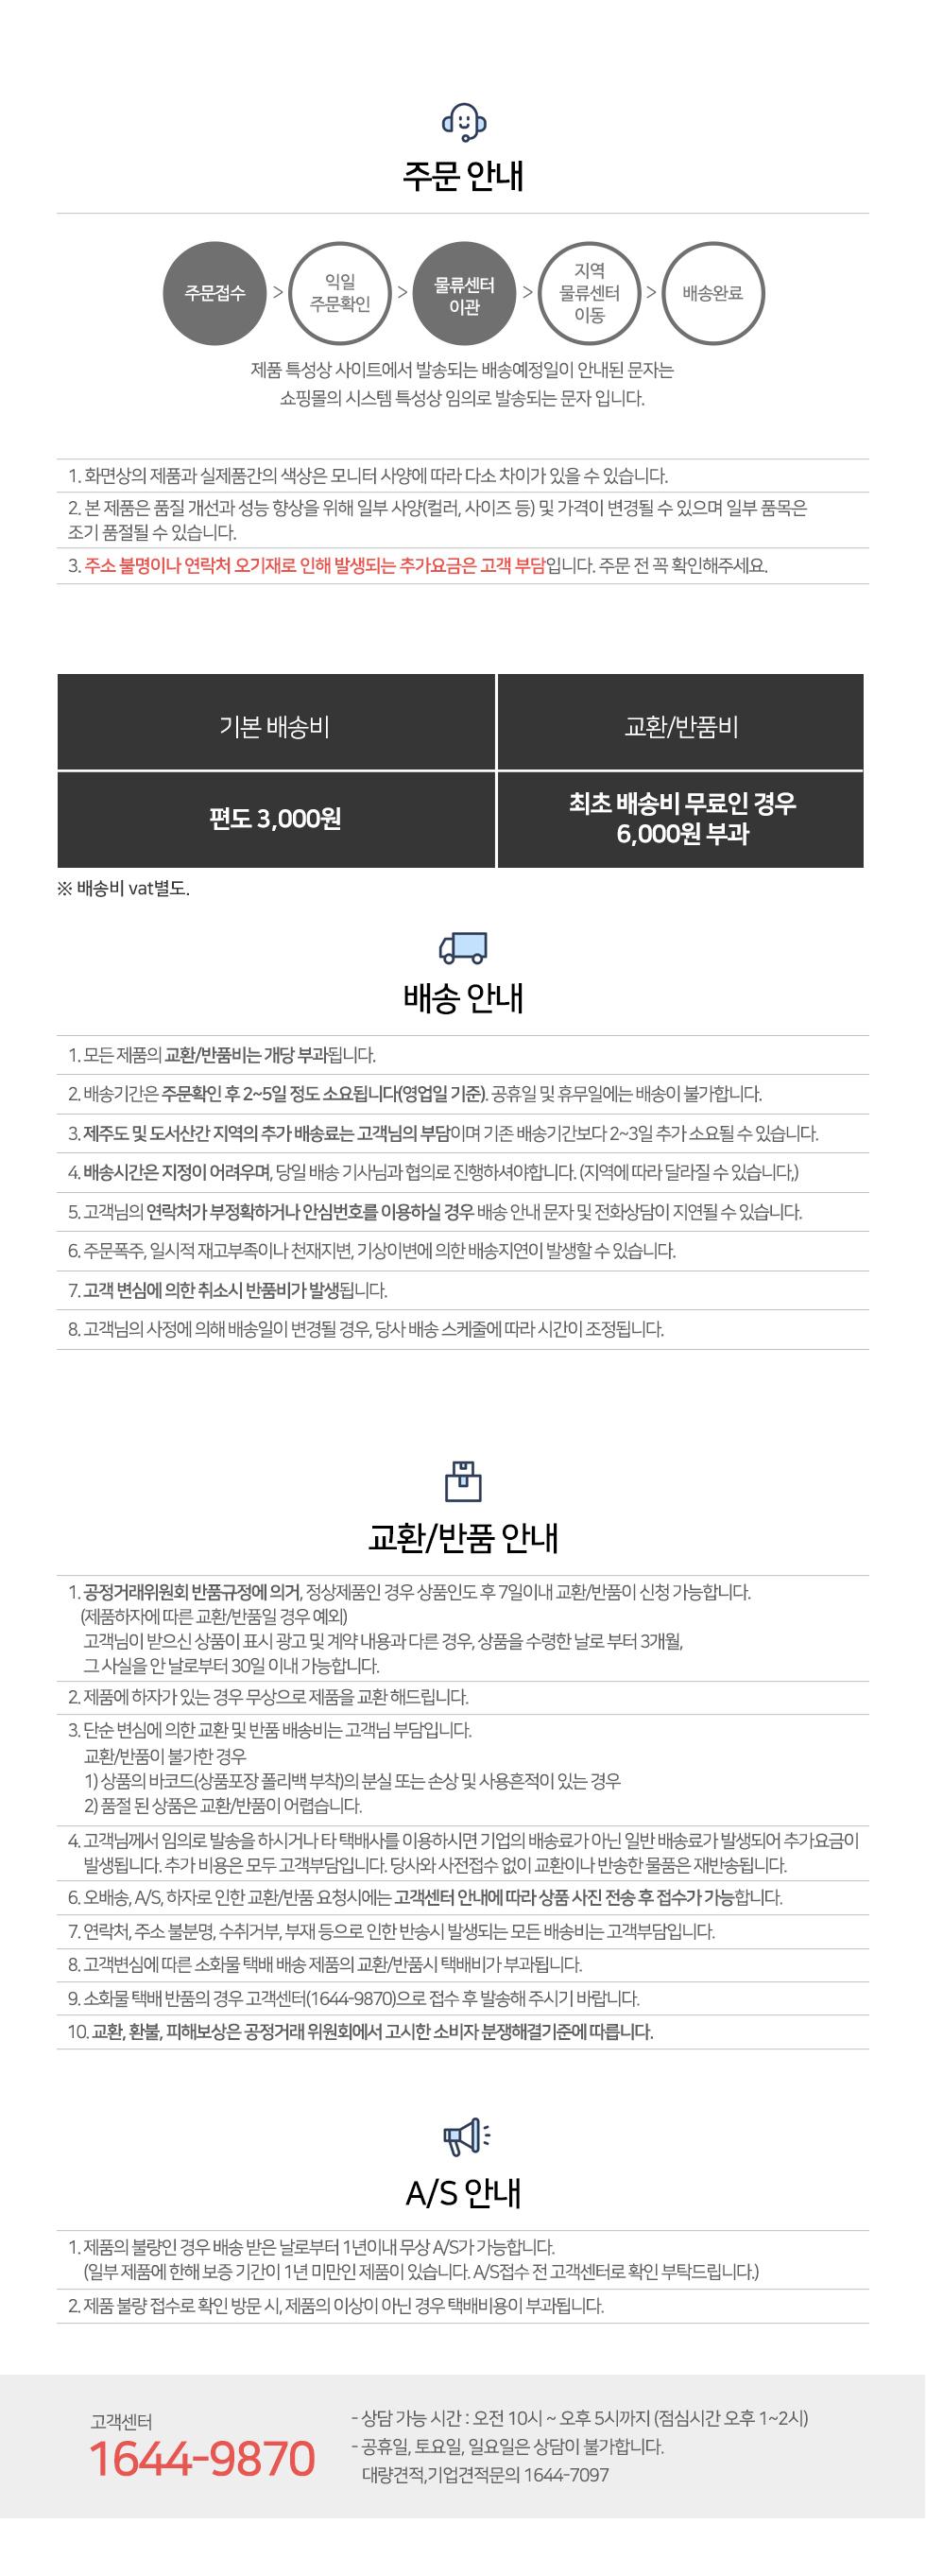 IB 도트 리빙박스 수납정리함 옷정리함 - 티에스퍼니처, 18,800원, 정리/리빙박스, 부직포 리빙박스